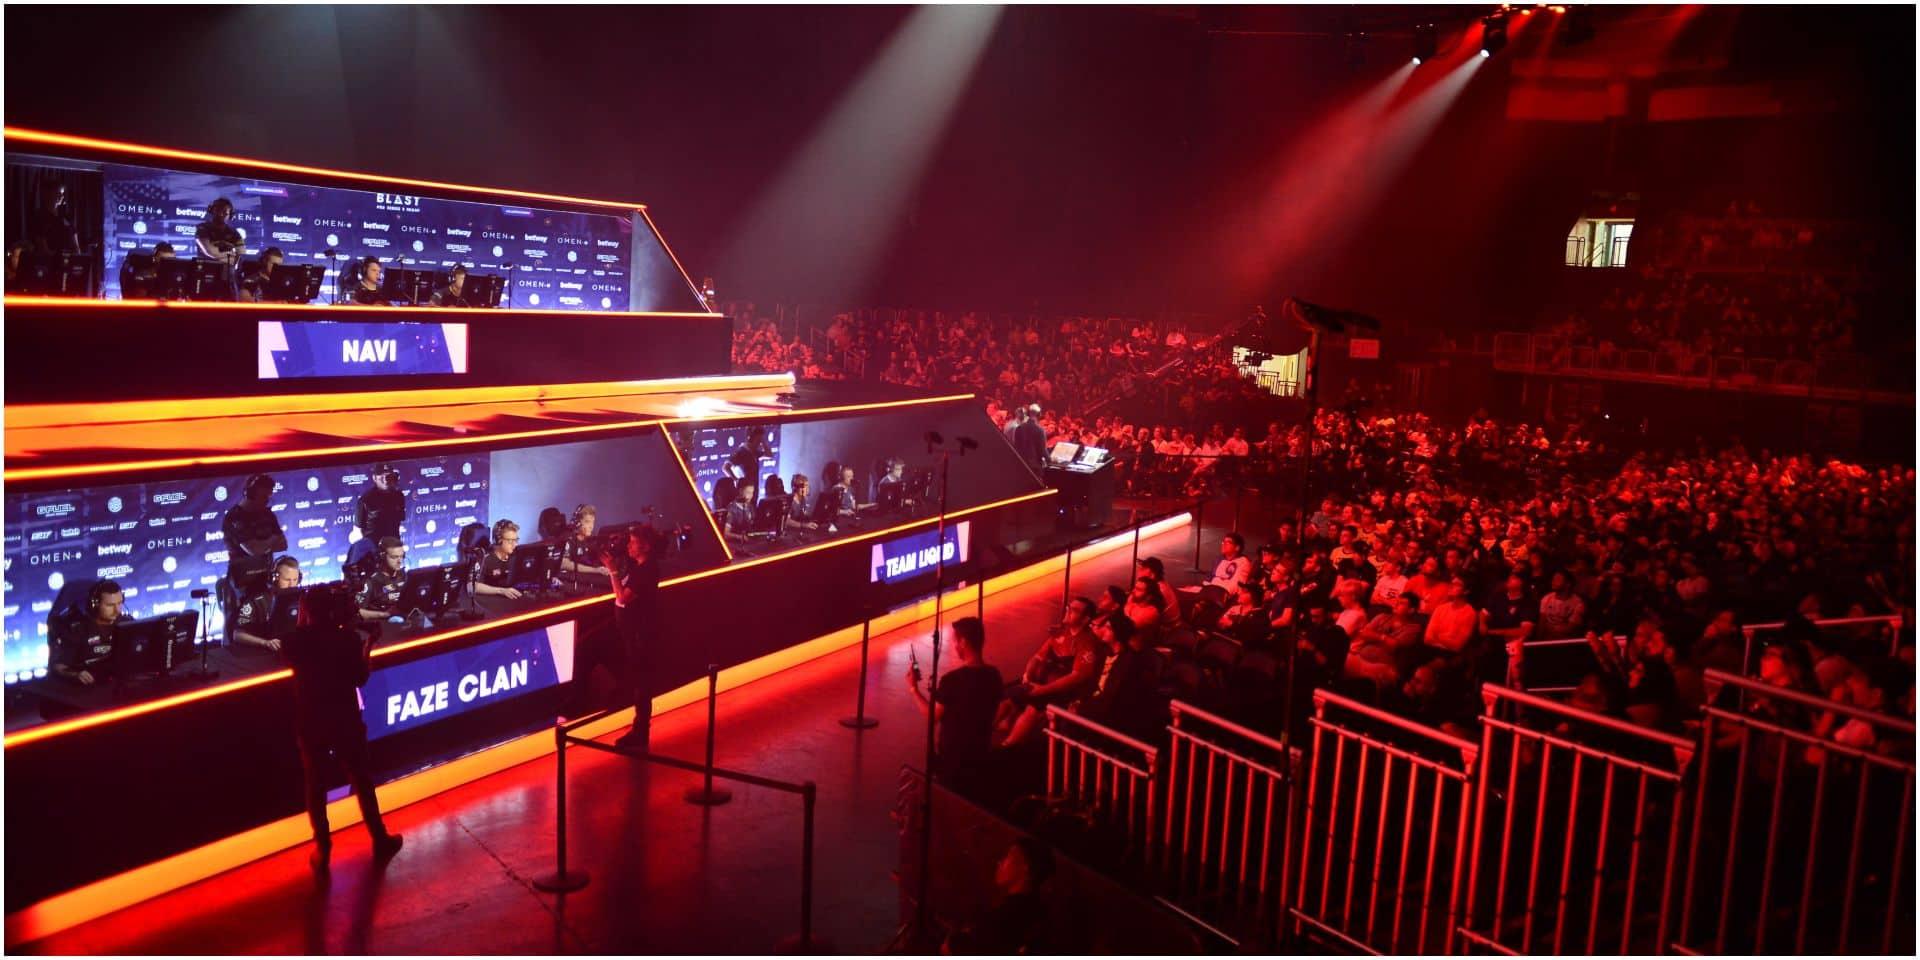 Exclusif: Orange lance sa propre plateforme de jeu et renforce son soutien à l'esport belge